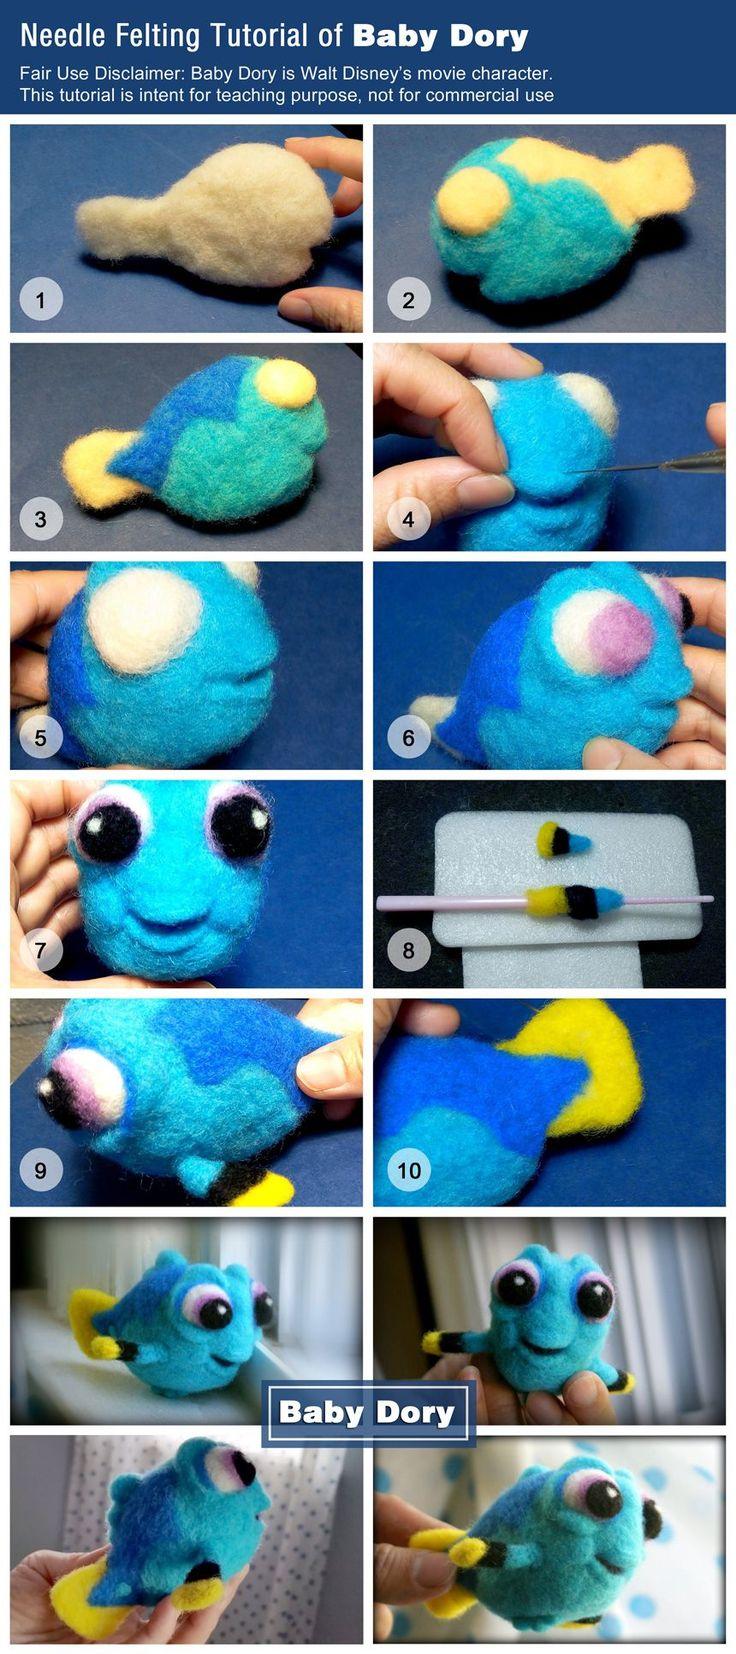 Needle Felting tutorial of Baby Dory - Christine Creative wool needle felting